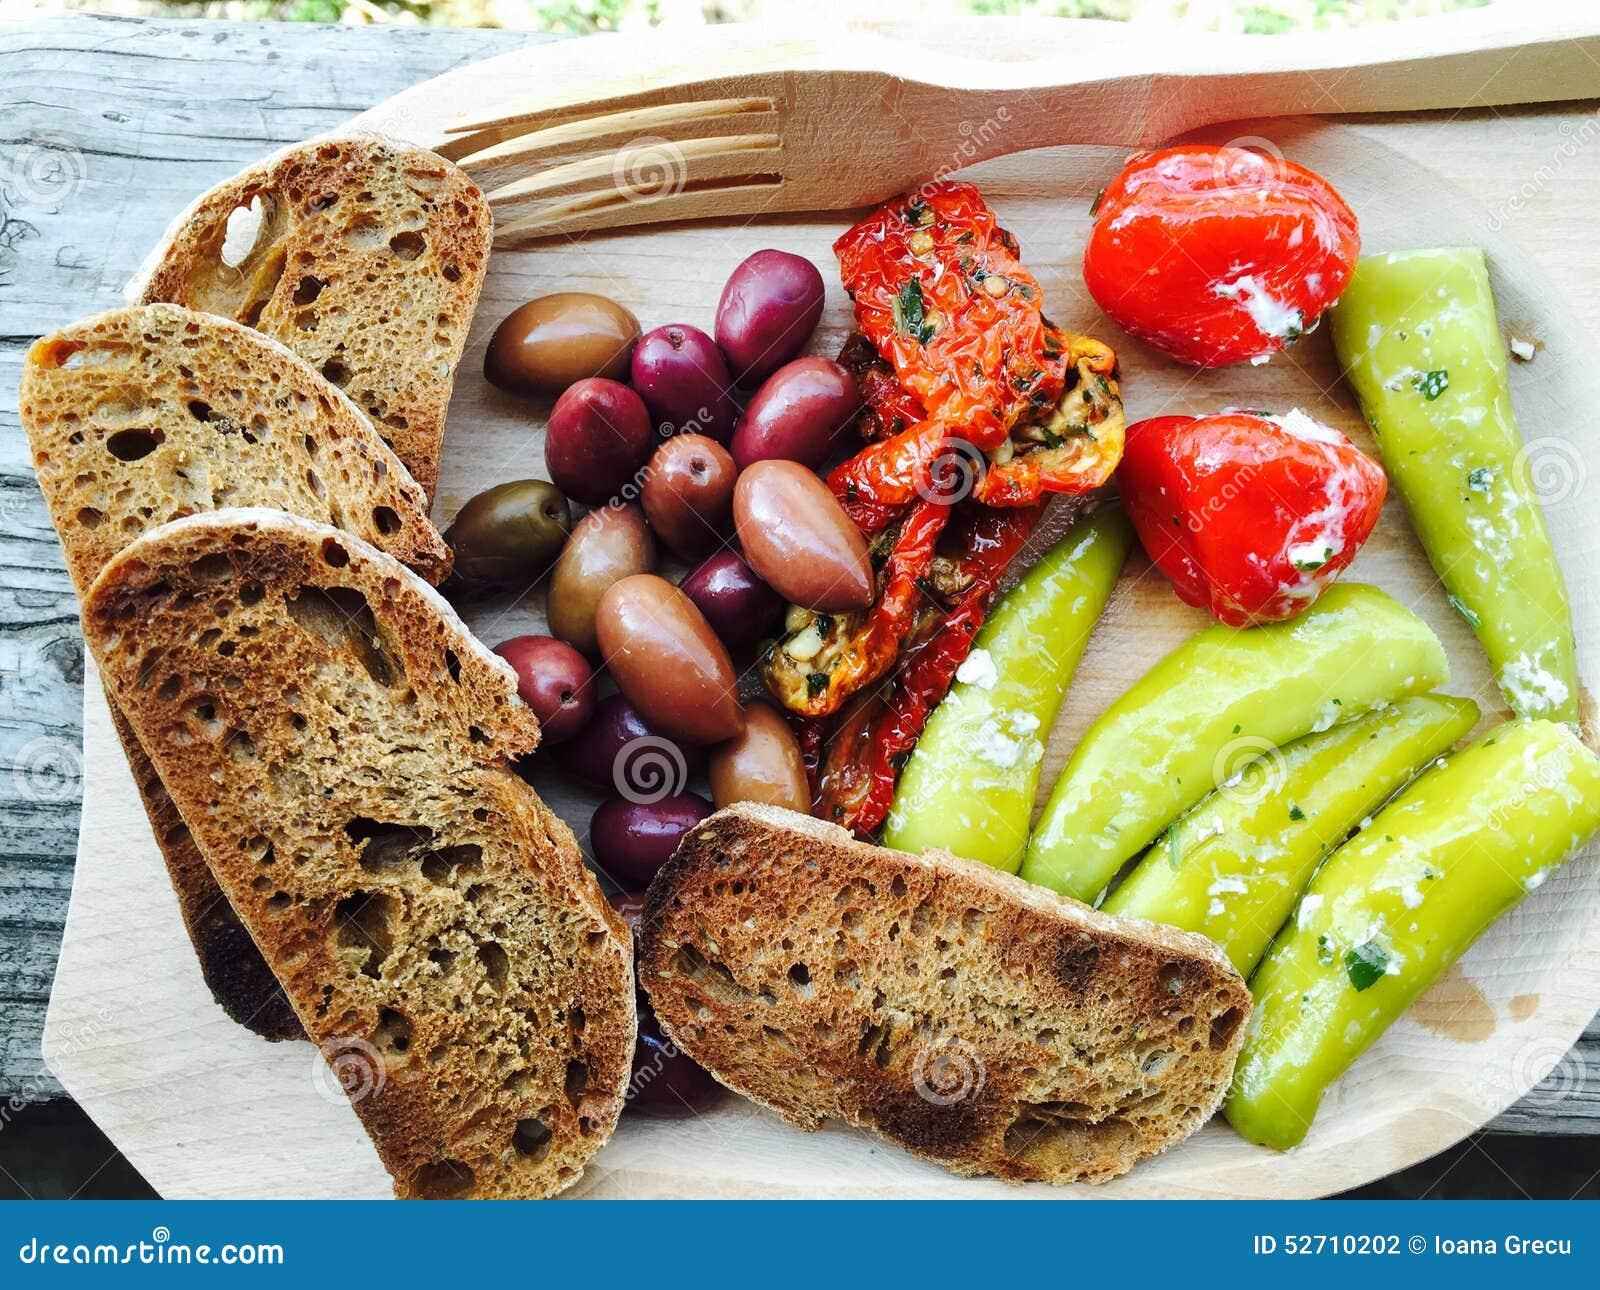 Rustic food plate